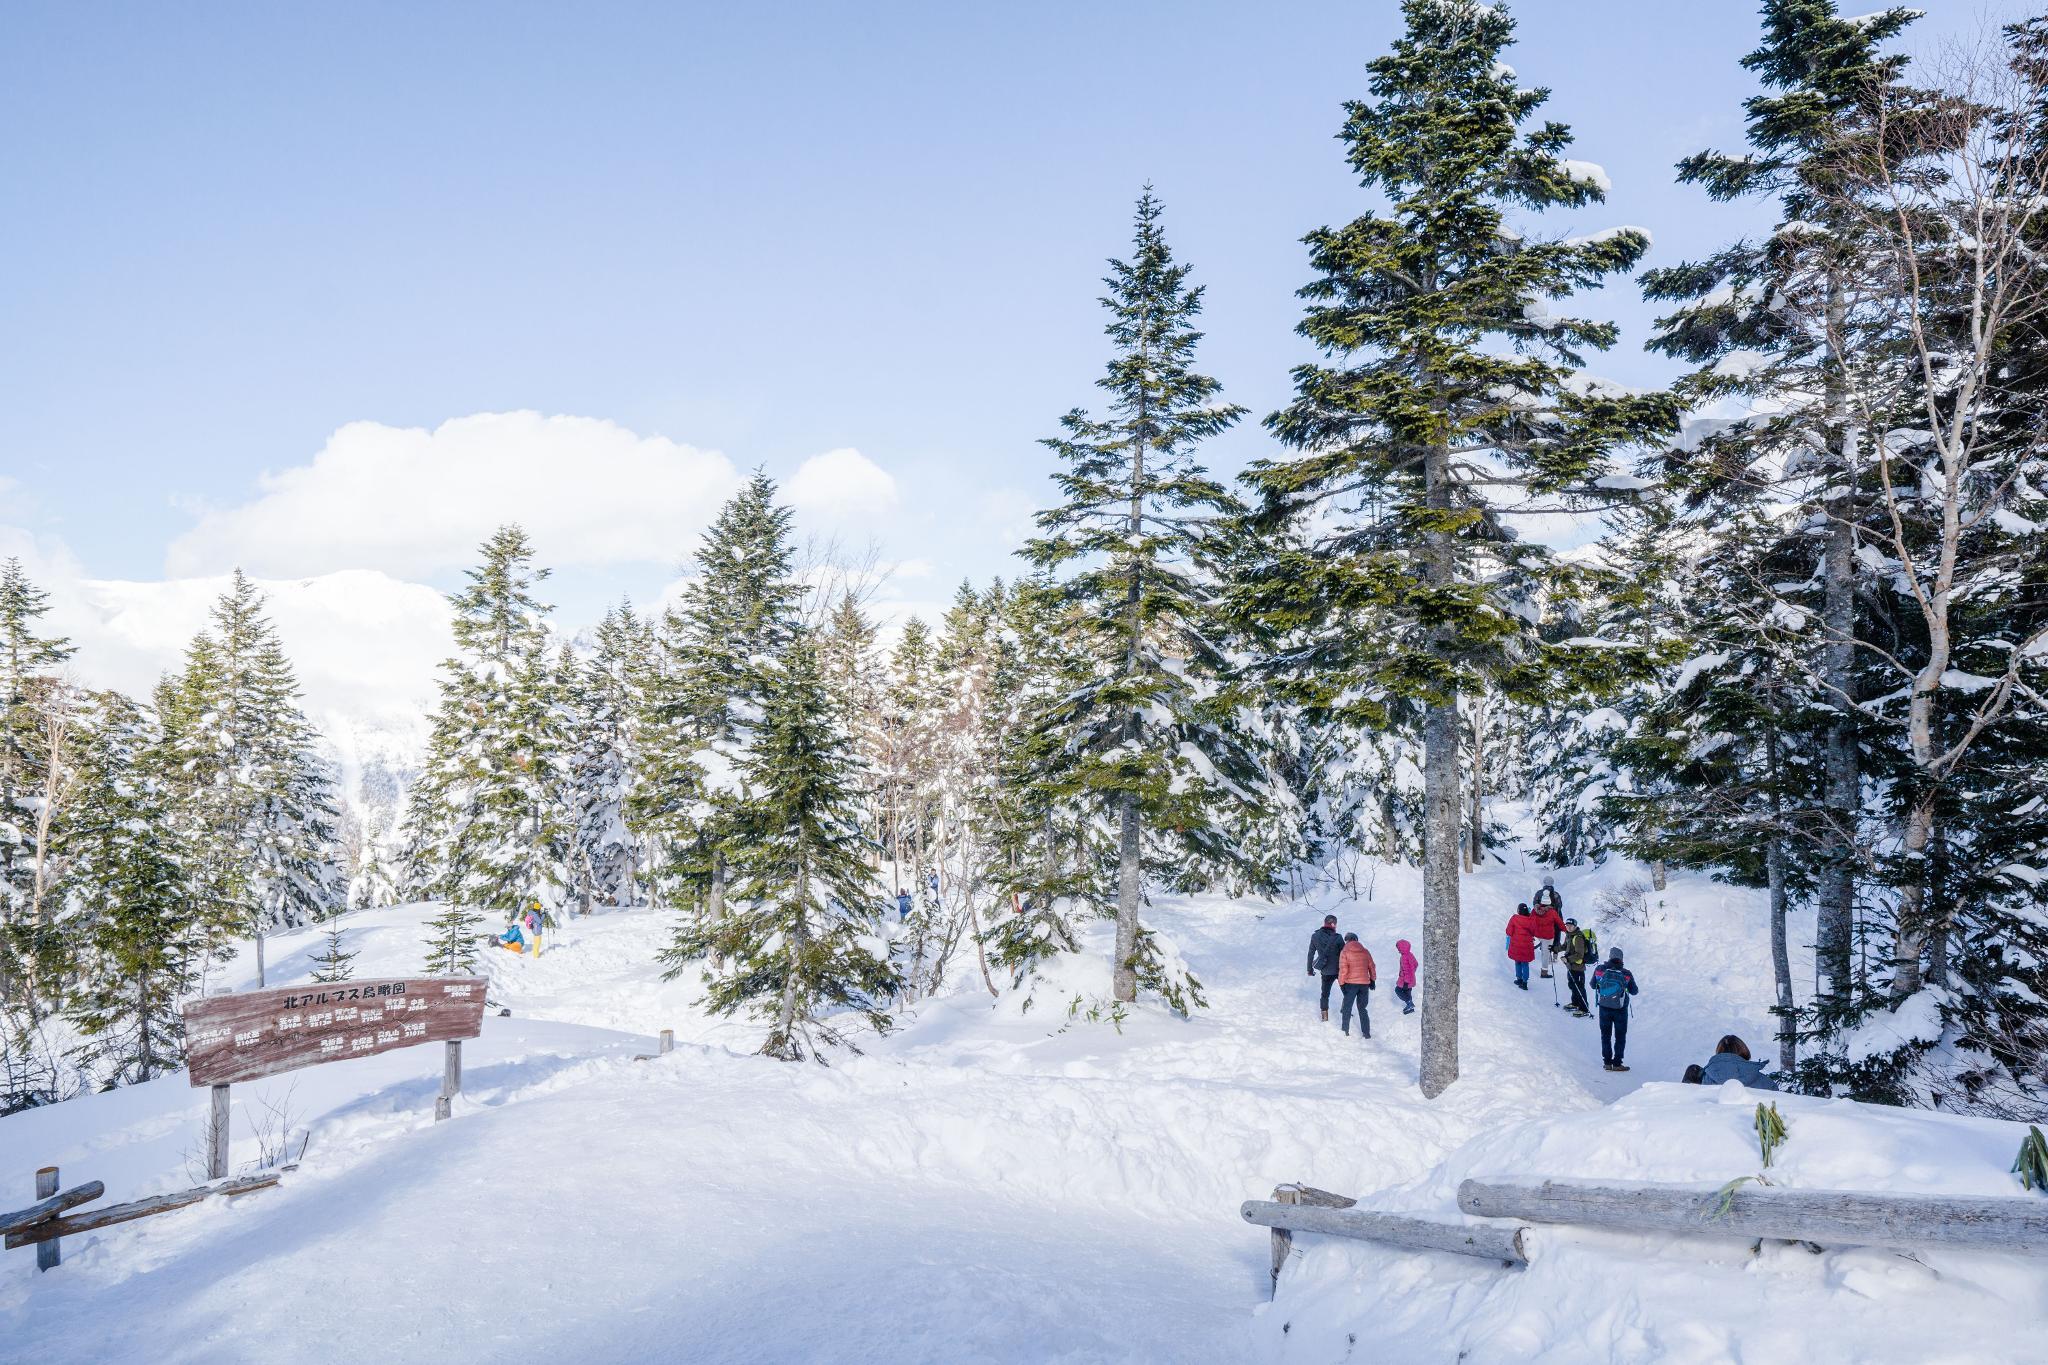 【岐阜】超級推薦!奧飛驒溫泉鄉的冬季戀歌 ~ 新穗高纜車雪景攻略 107